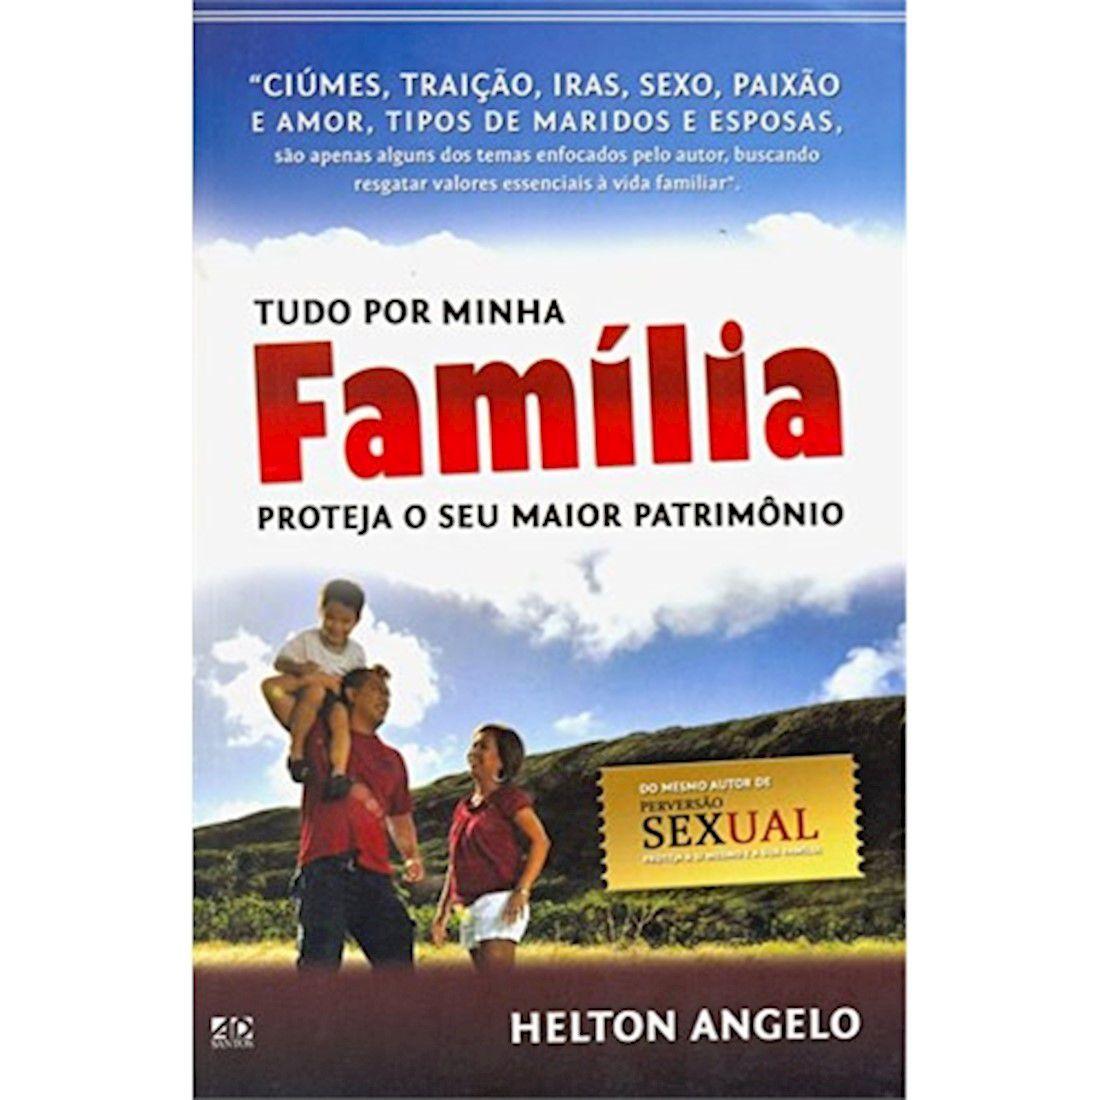 Livro Tudo por Minha Família - Proteja o Seu Maior Patrimônio